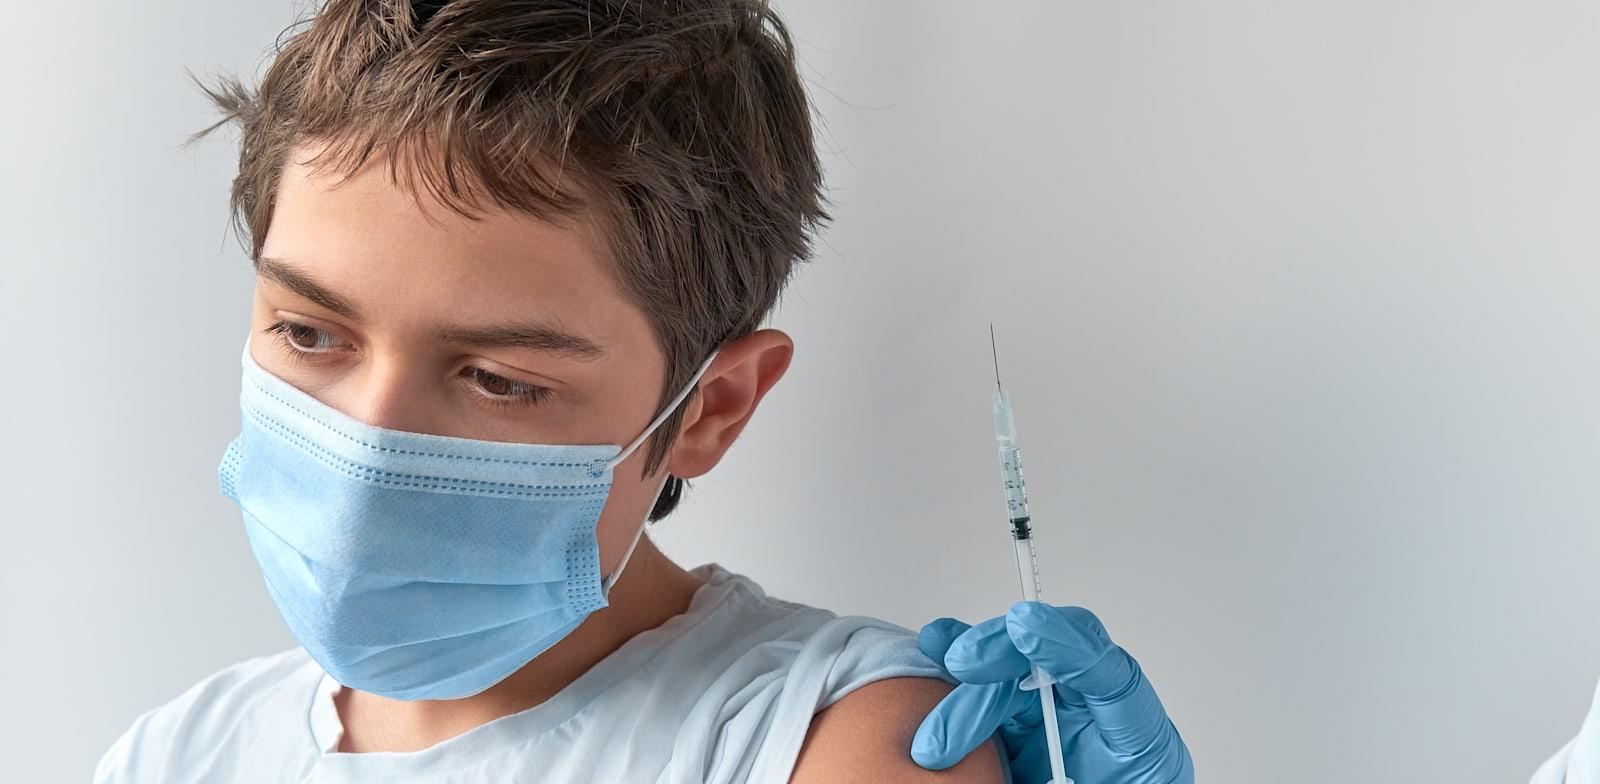 חיסון לקורונה לבני נוער / צילום: Shutterstock, anyaivanova